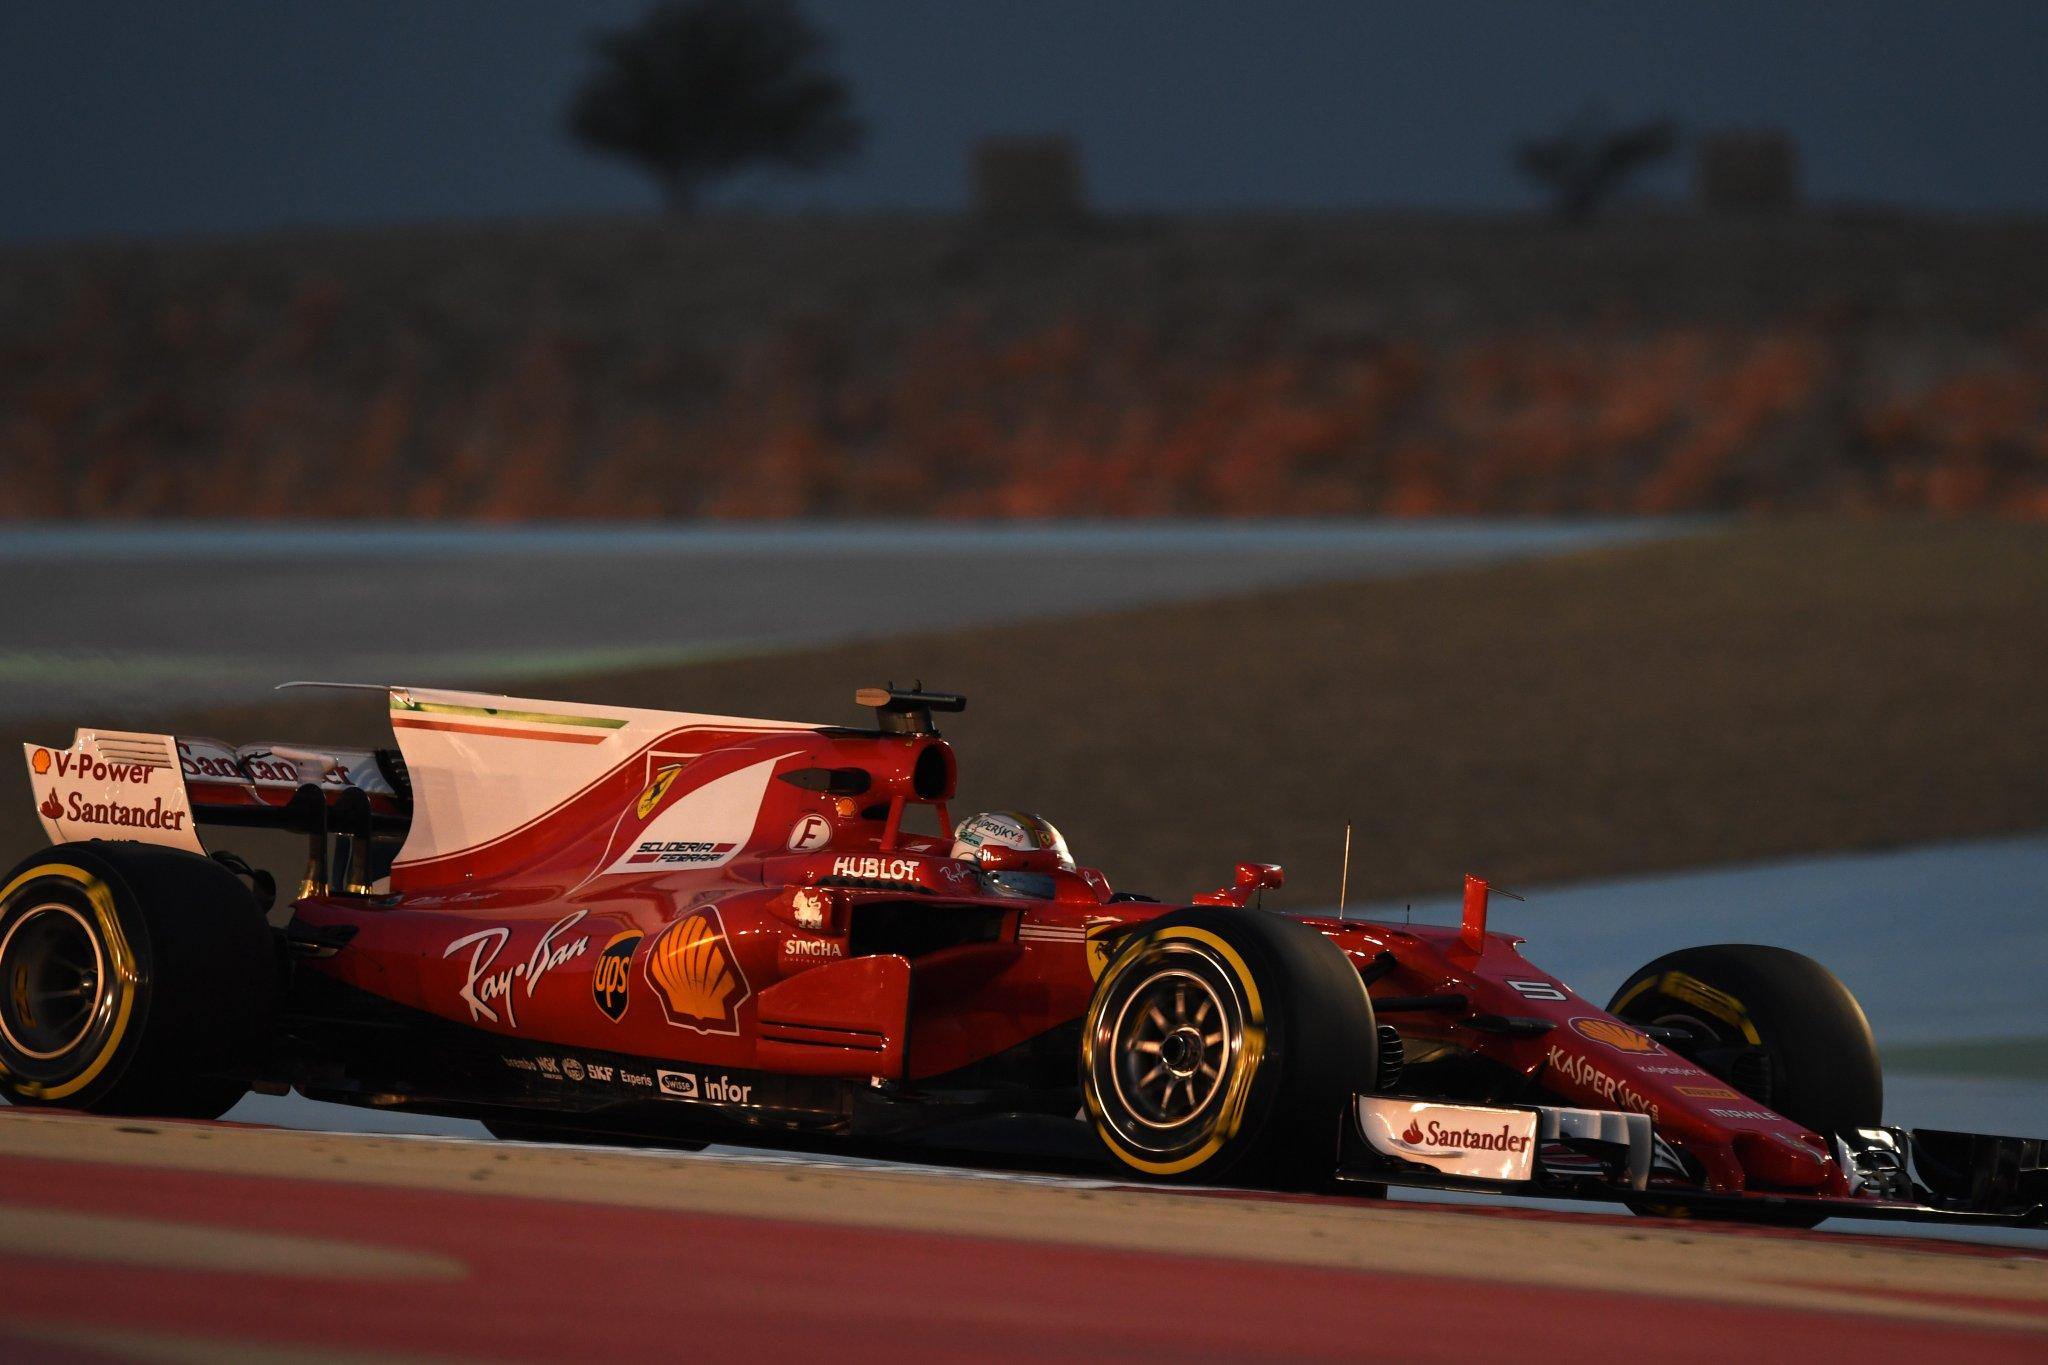 Себастьян Феттель лидирует на тренировках в Бахрейне в пятницу